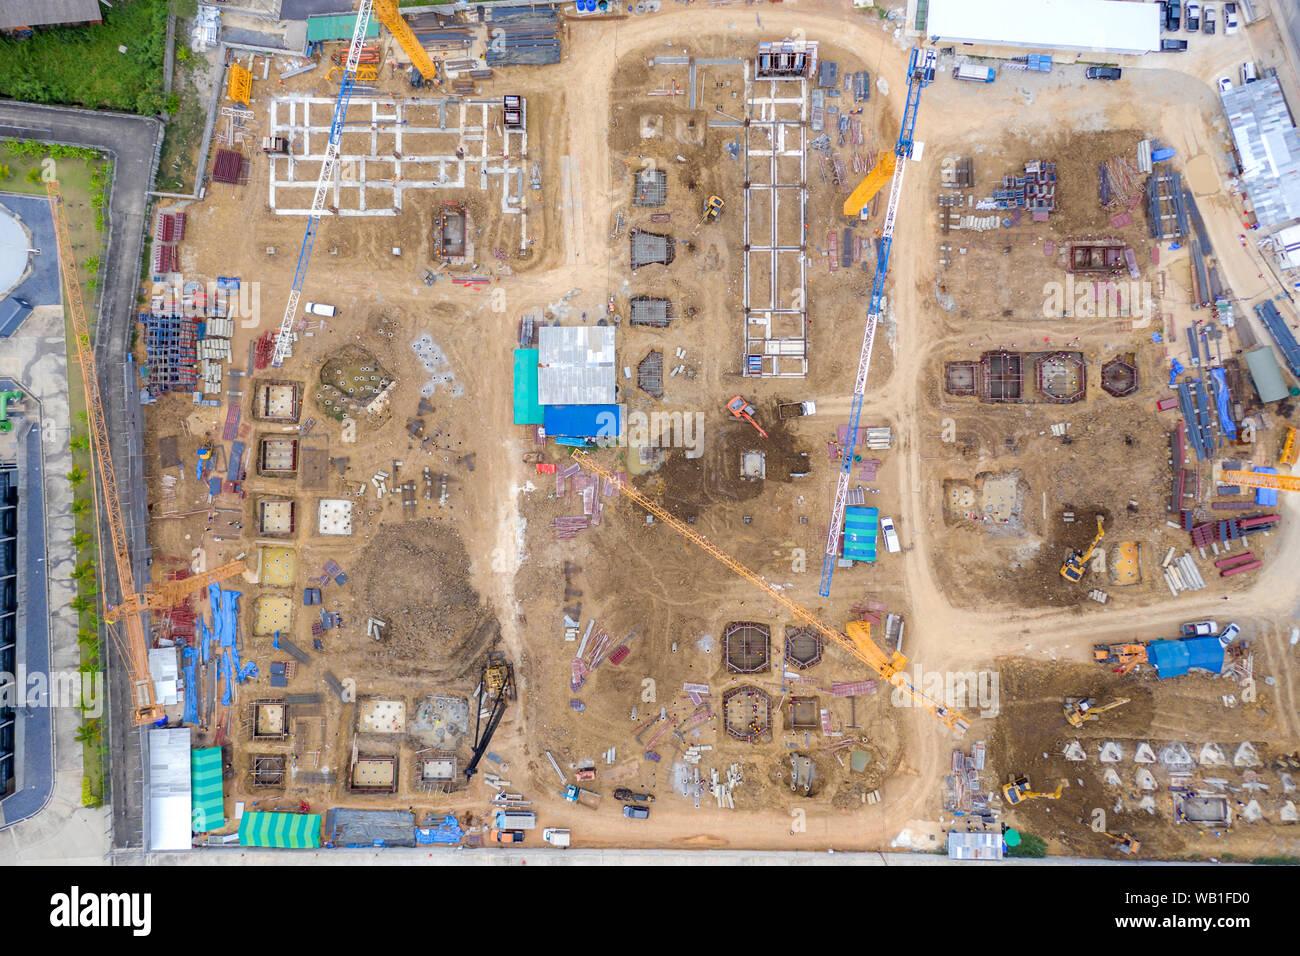 Drone aérien vue de la benne de chargement pelle chariot à la construction site Banque D'Images